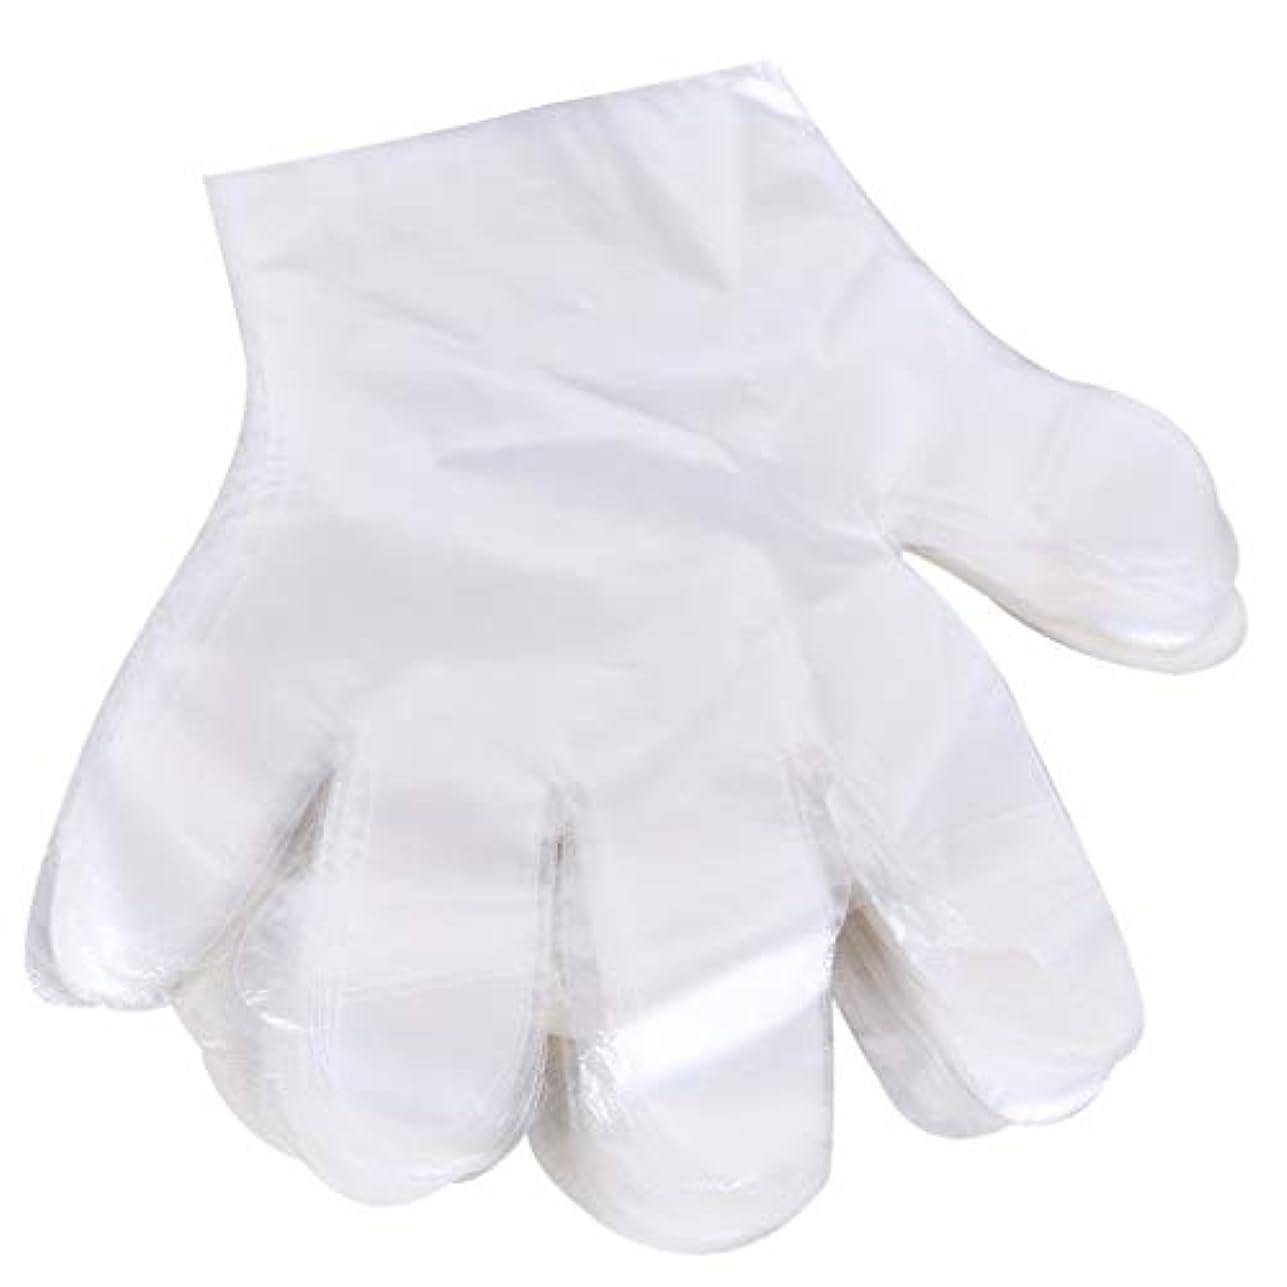 手段独特の生き物1000 使い捨て手袋、ケータリングヘアマスク食品ロブスター厚い透明プラスチックpeフィルム手袋透明カバー YANW